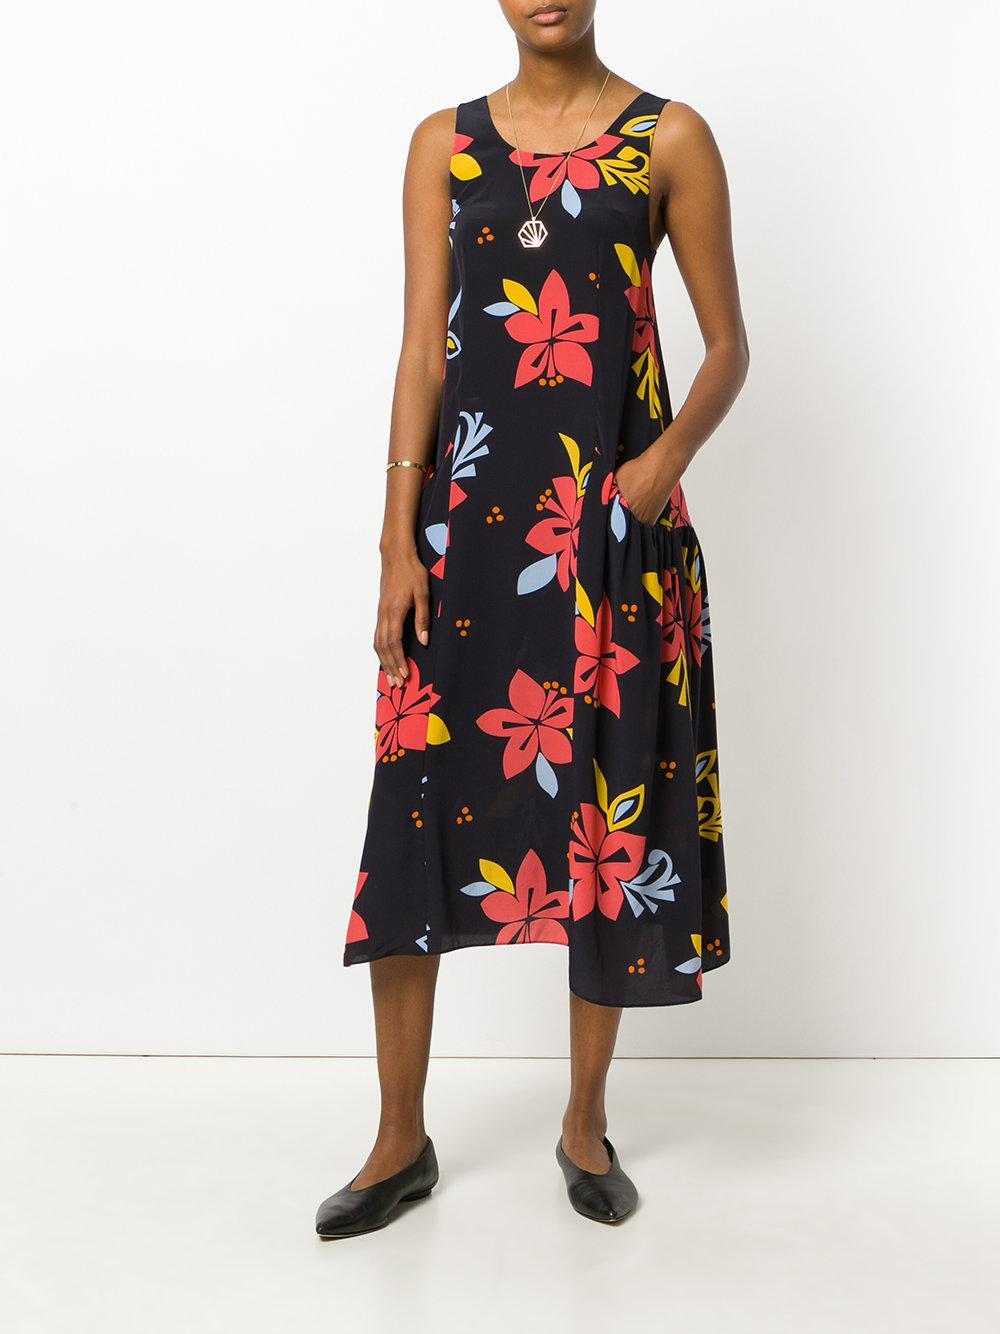 Robe Imprimé Floral - Chinti Bleu Et Parker CwfbLTHbk4